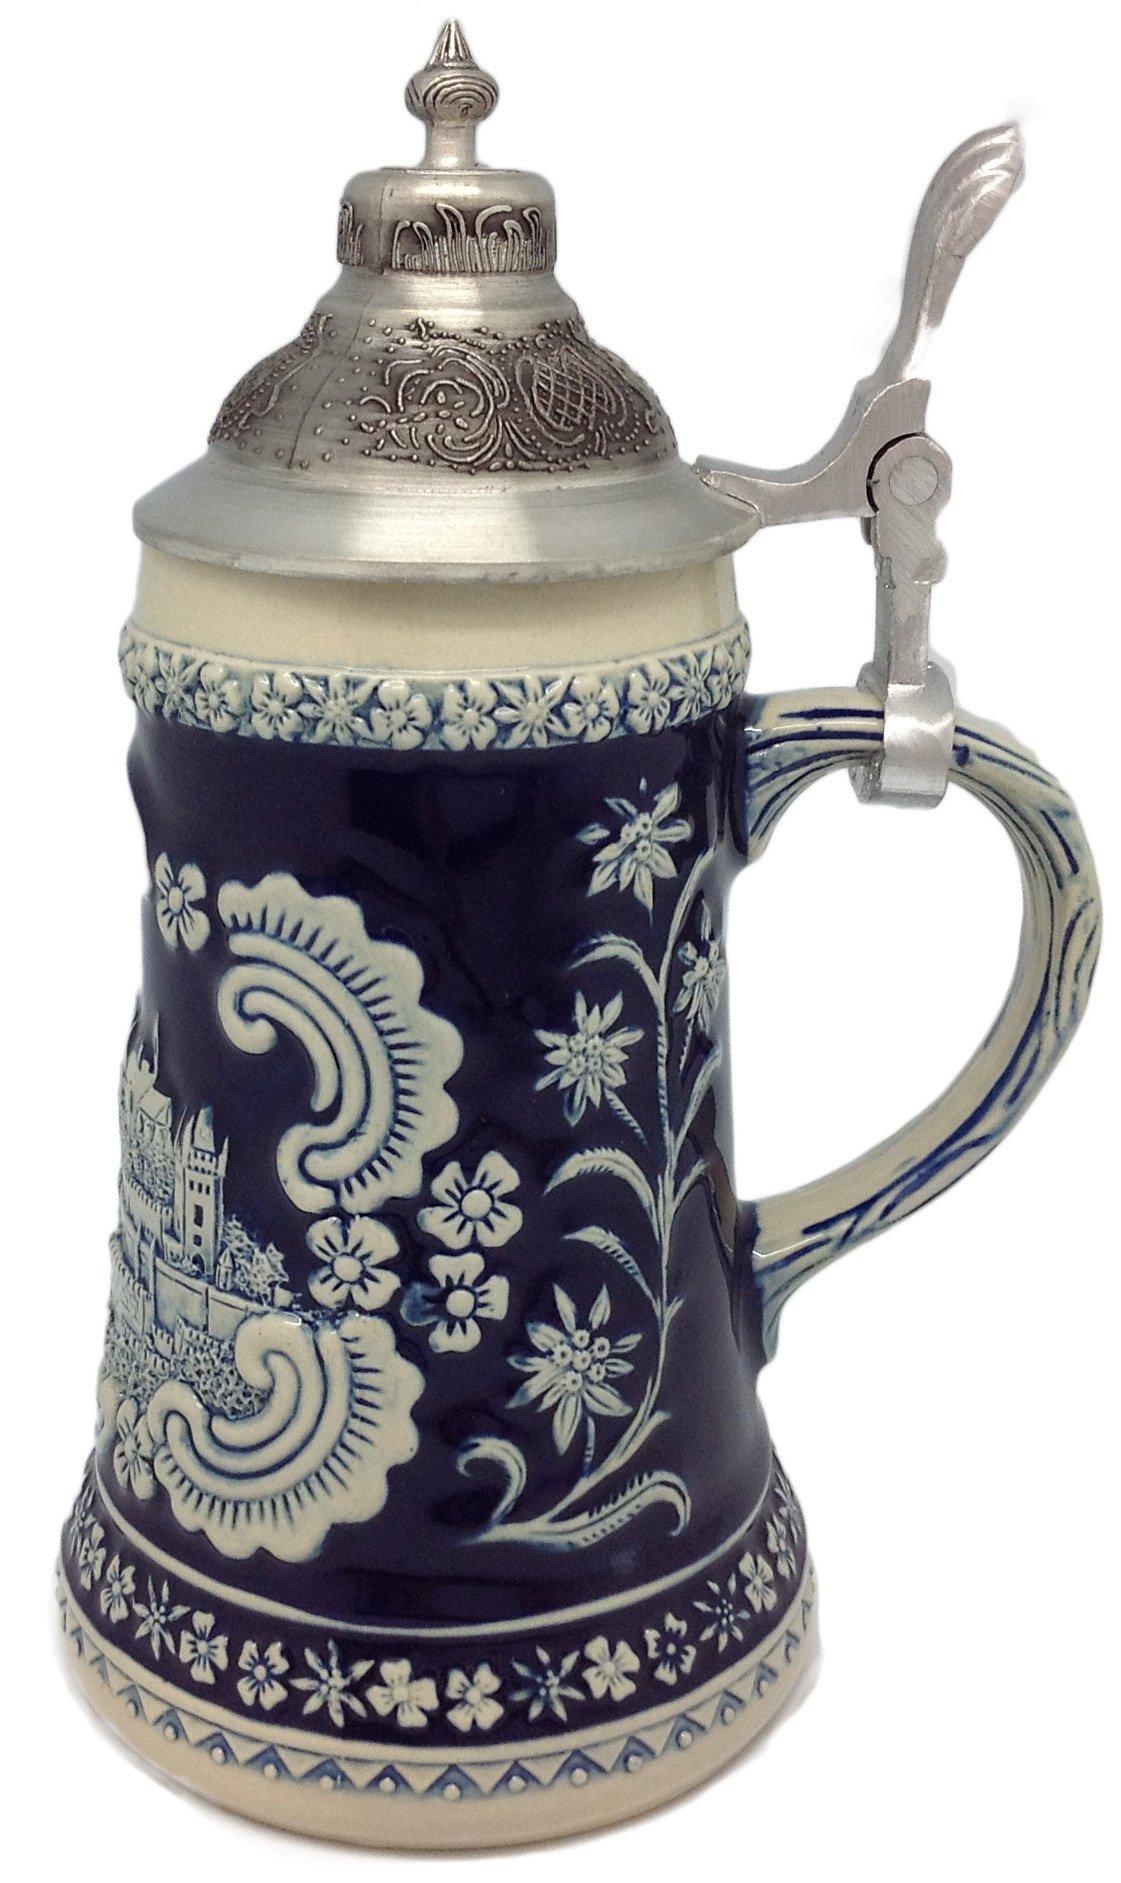 Bavarian German Castle Engraved Ceramic Beer Stein with Ornate Metal Lid